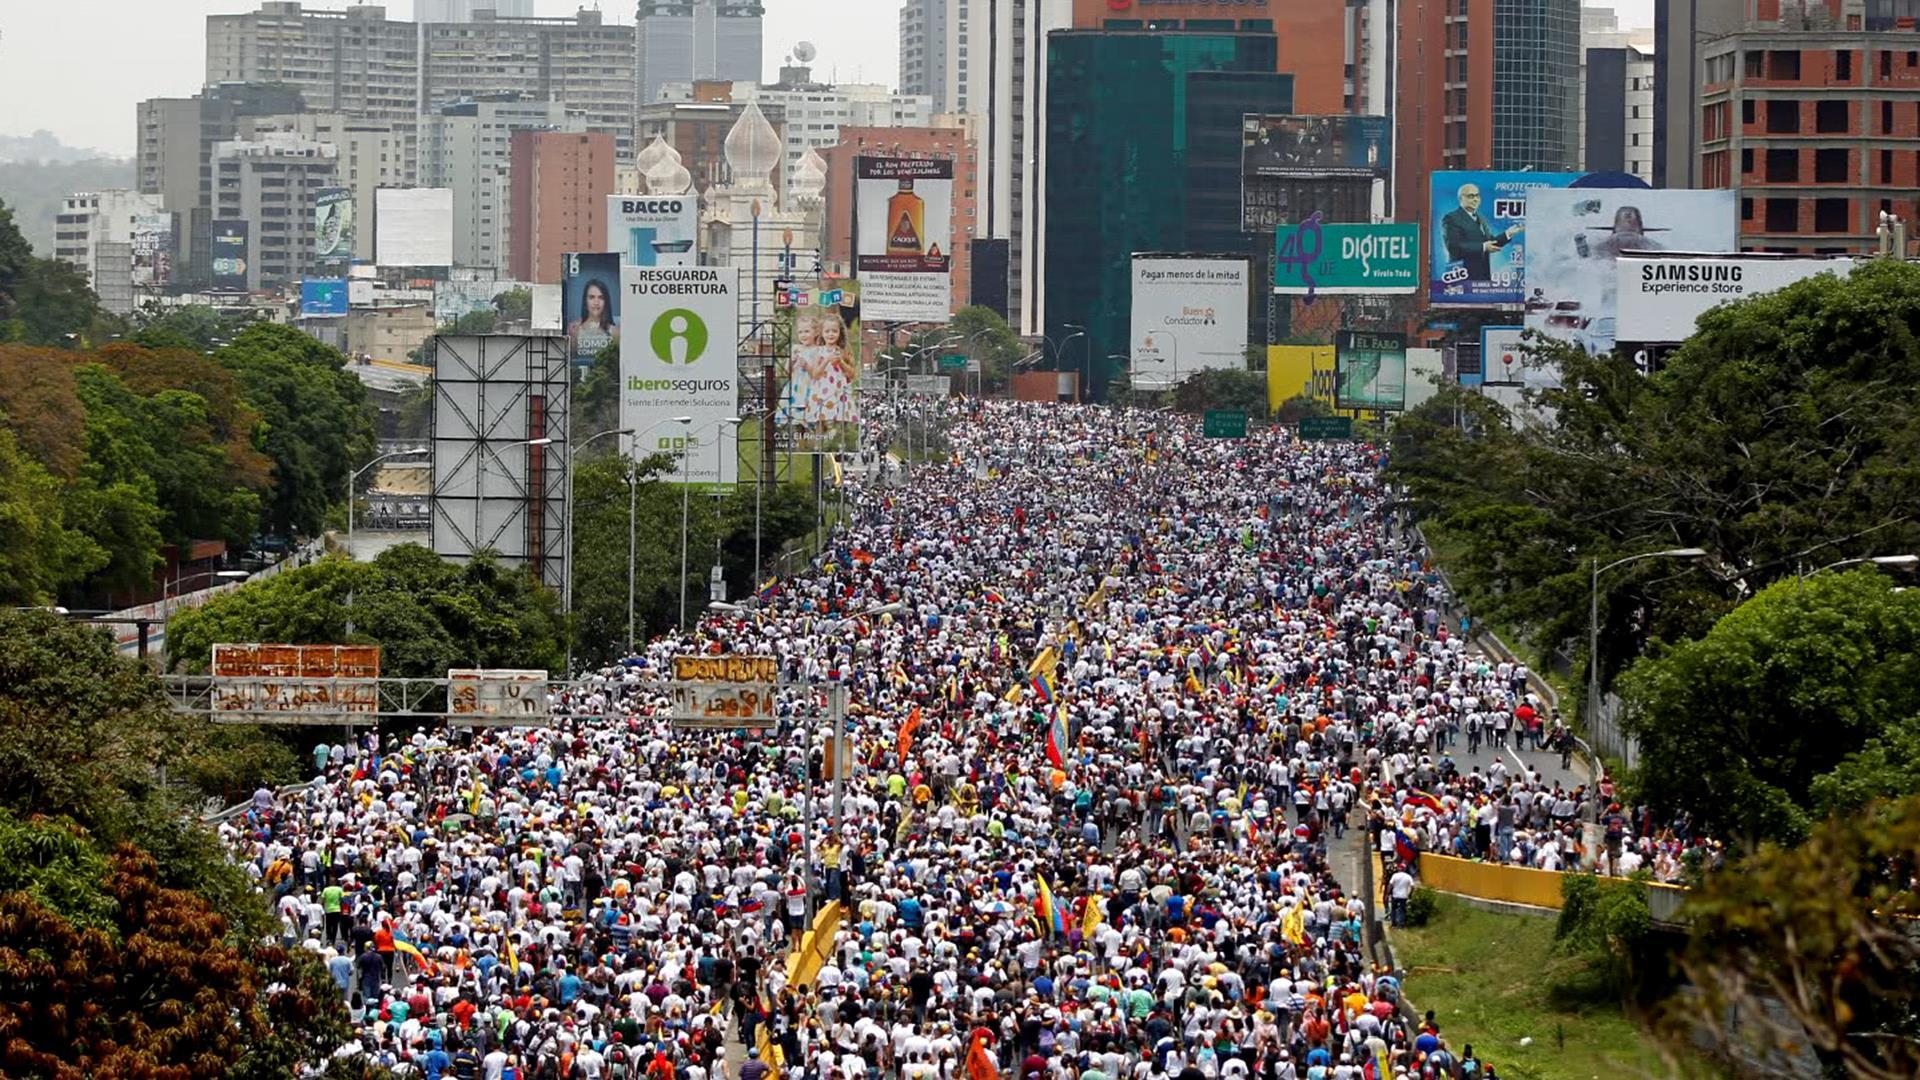 С 2016 года Венесуэлу сотрясают протесты с требованием отставки президента Мадуро